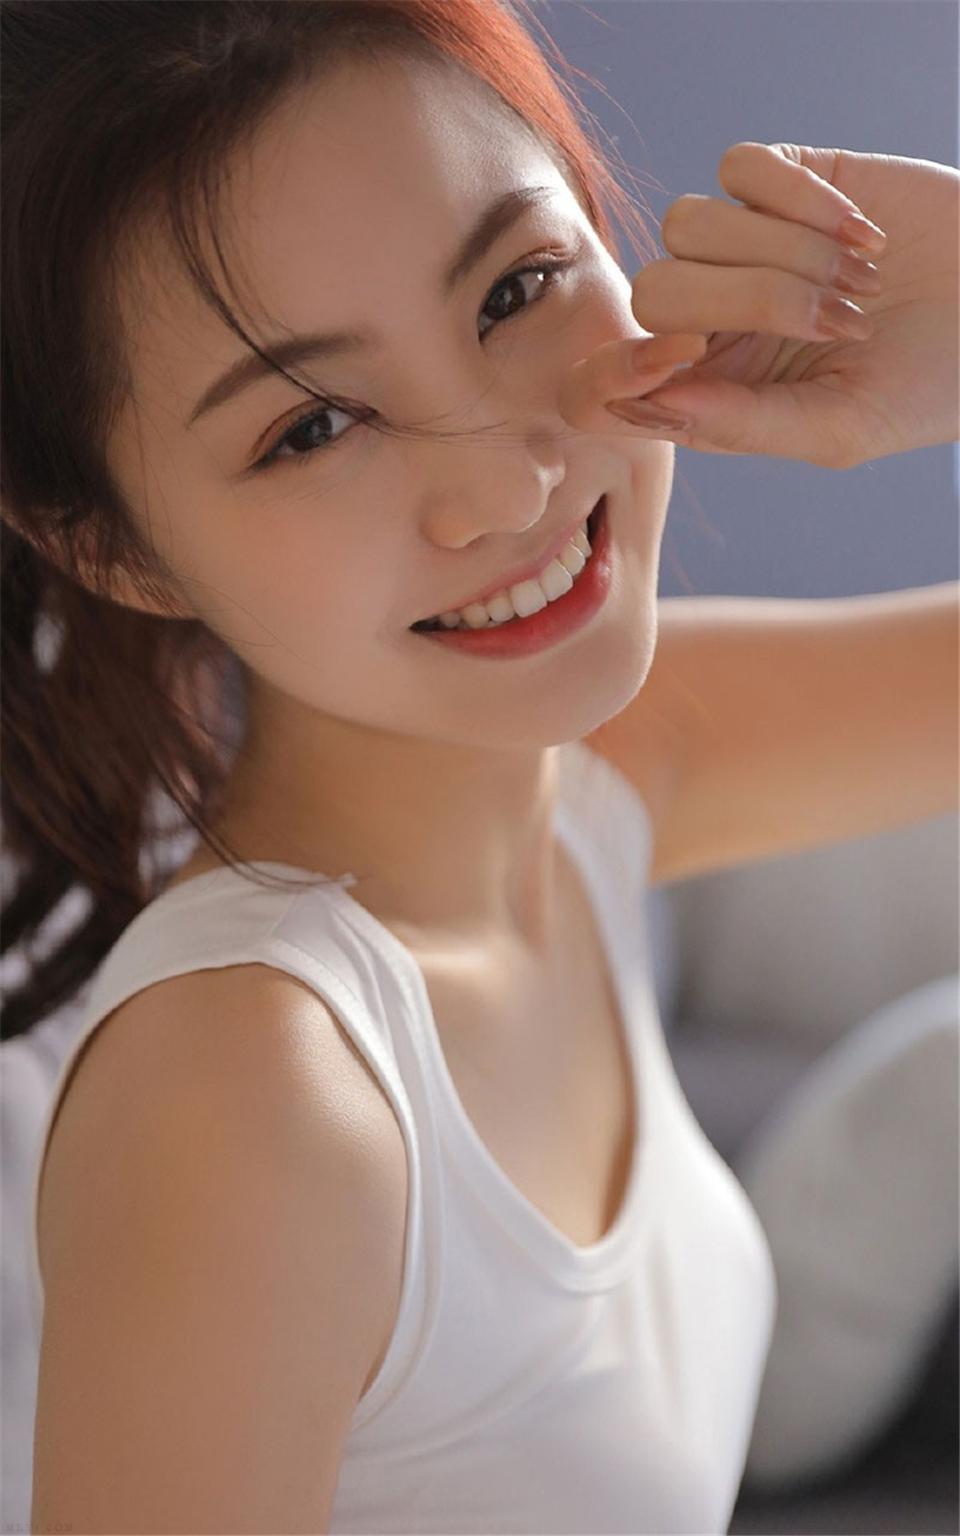 笑容甜美的长腿女孩粉嫩照片